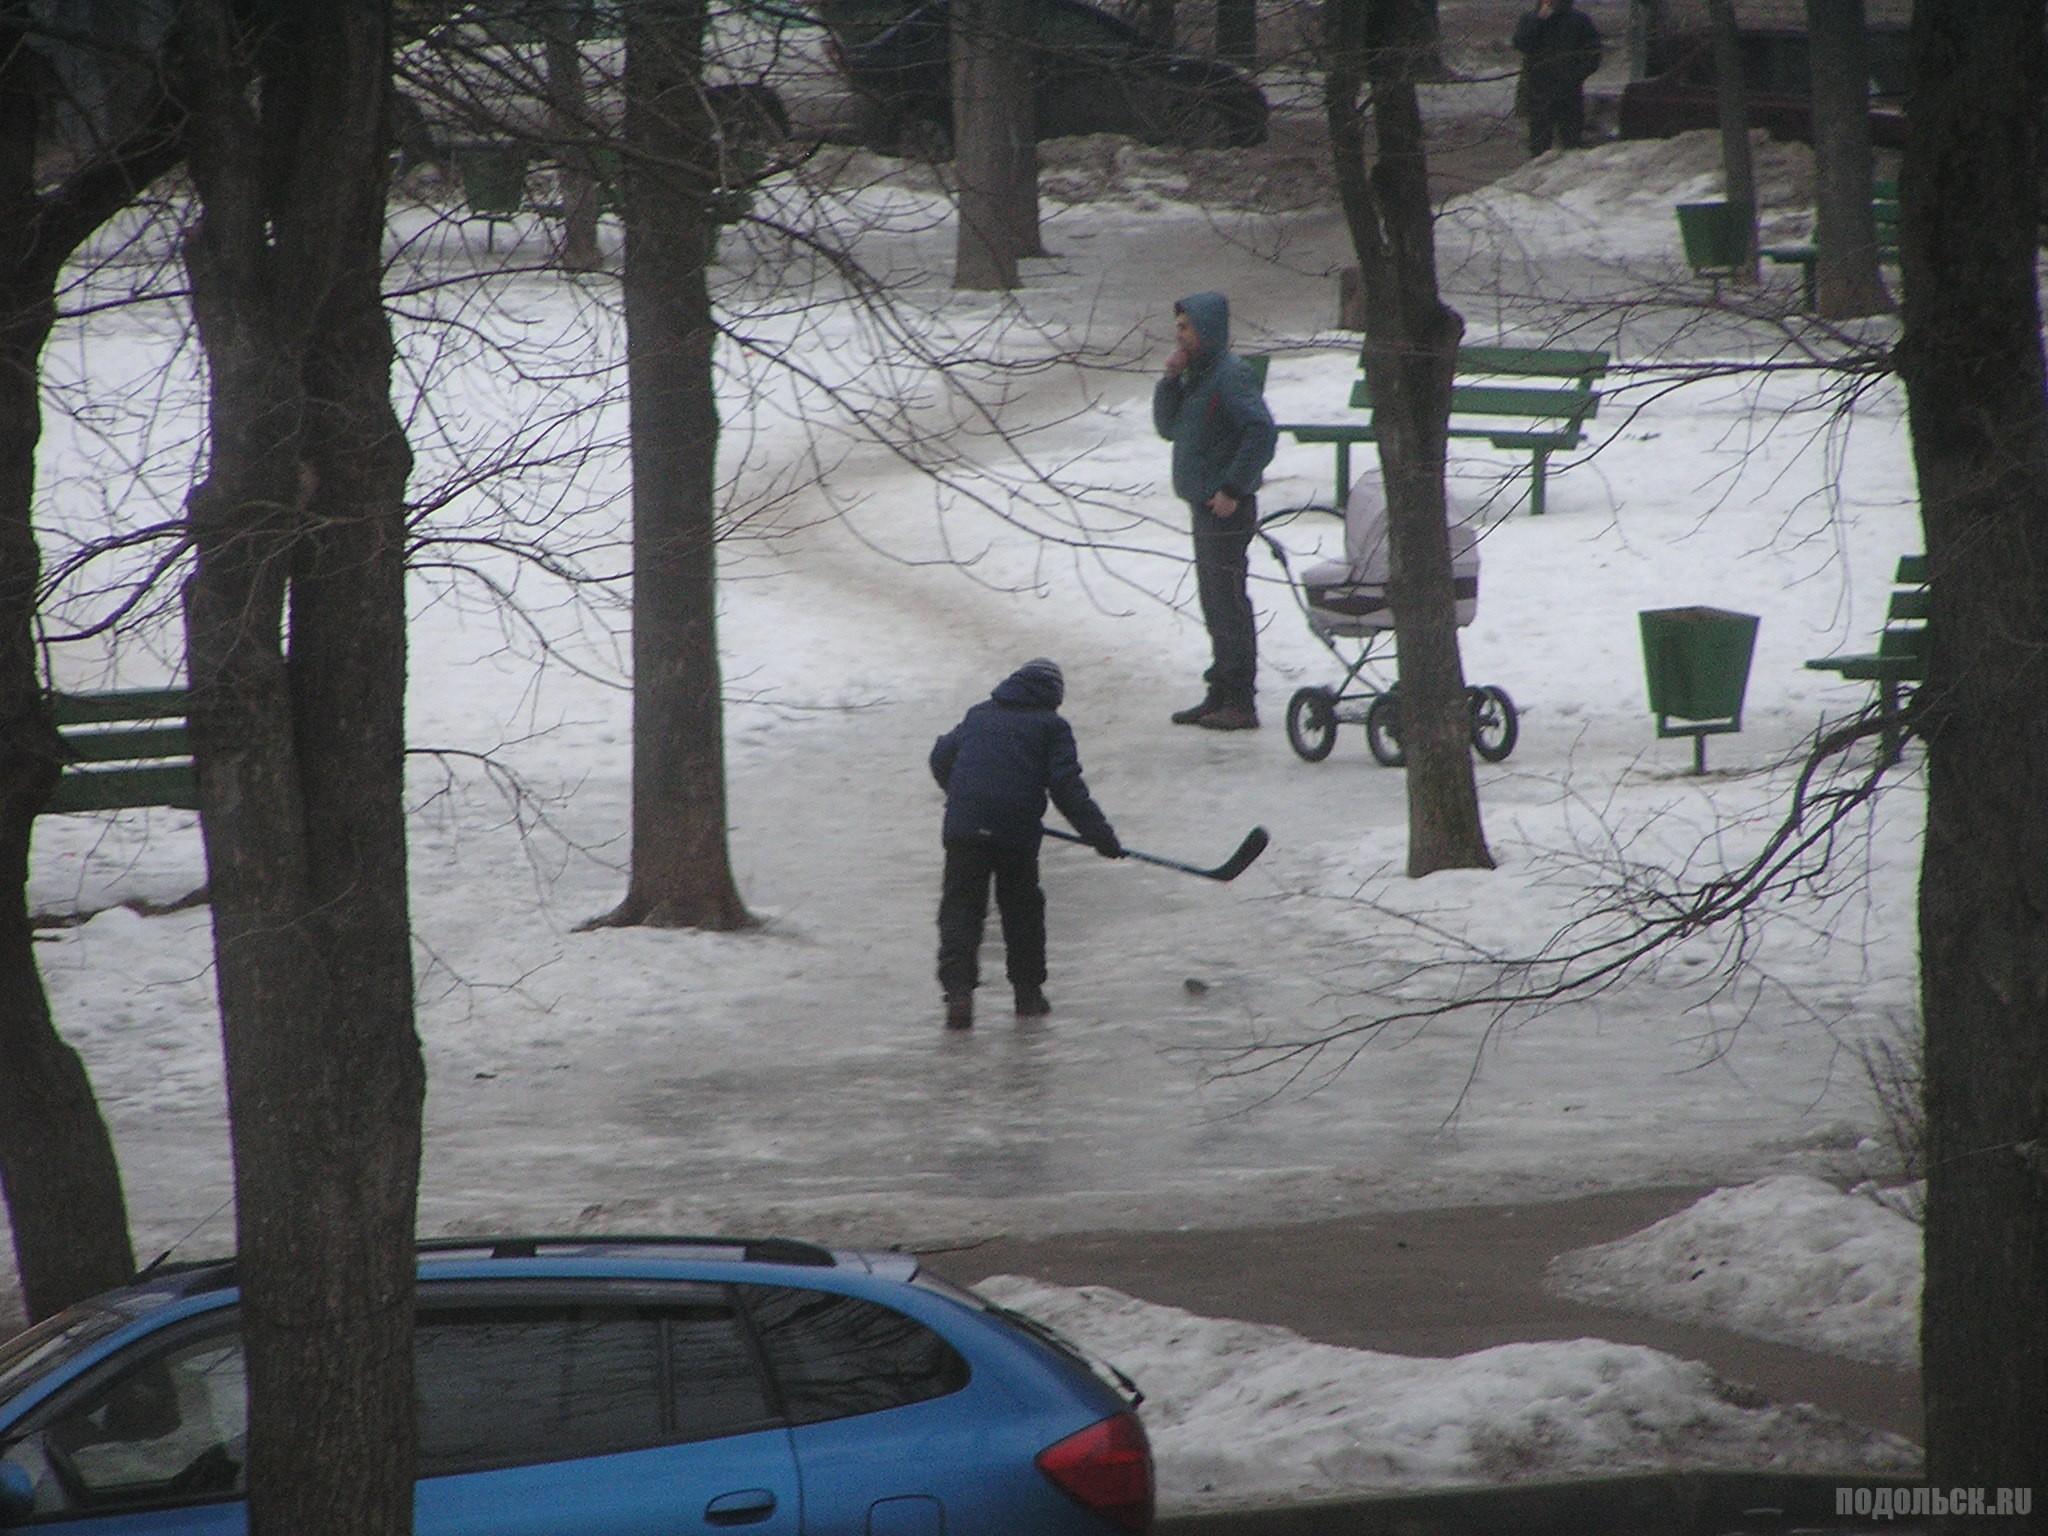 Хоккей на льду во дворе. 2.2016.